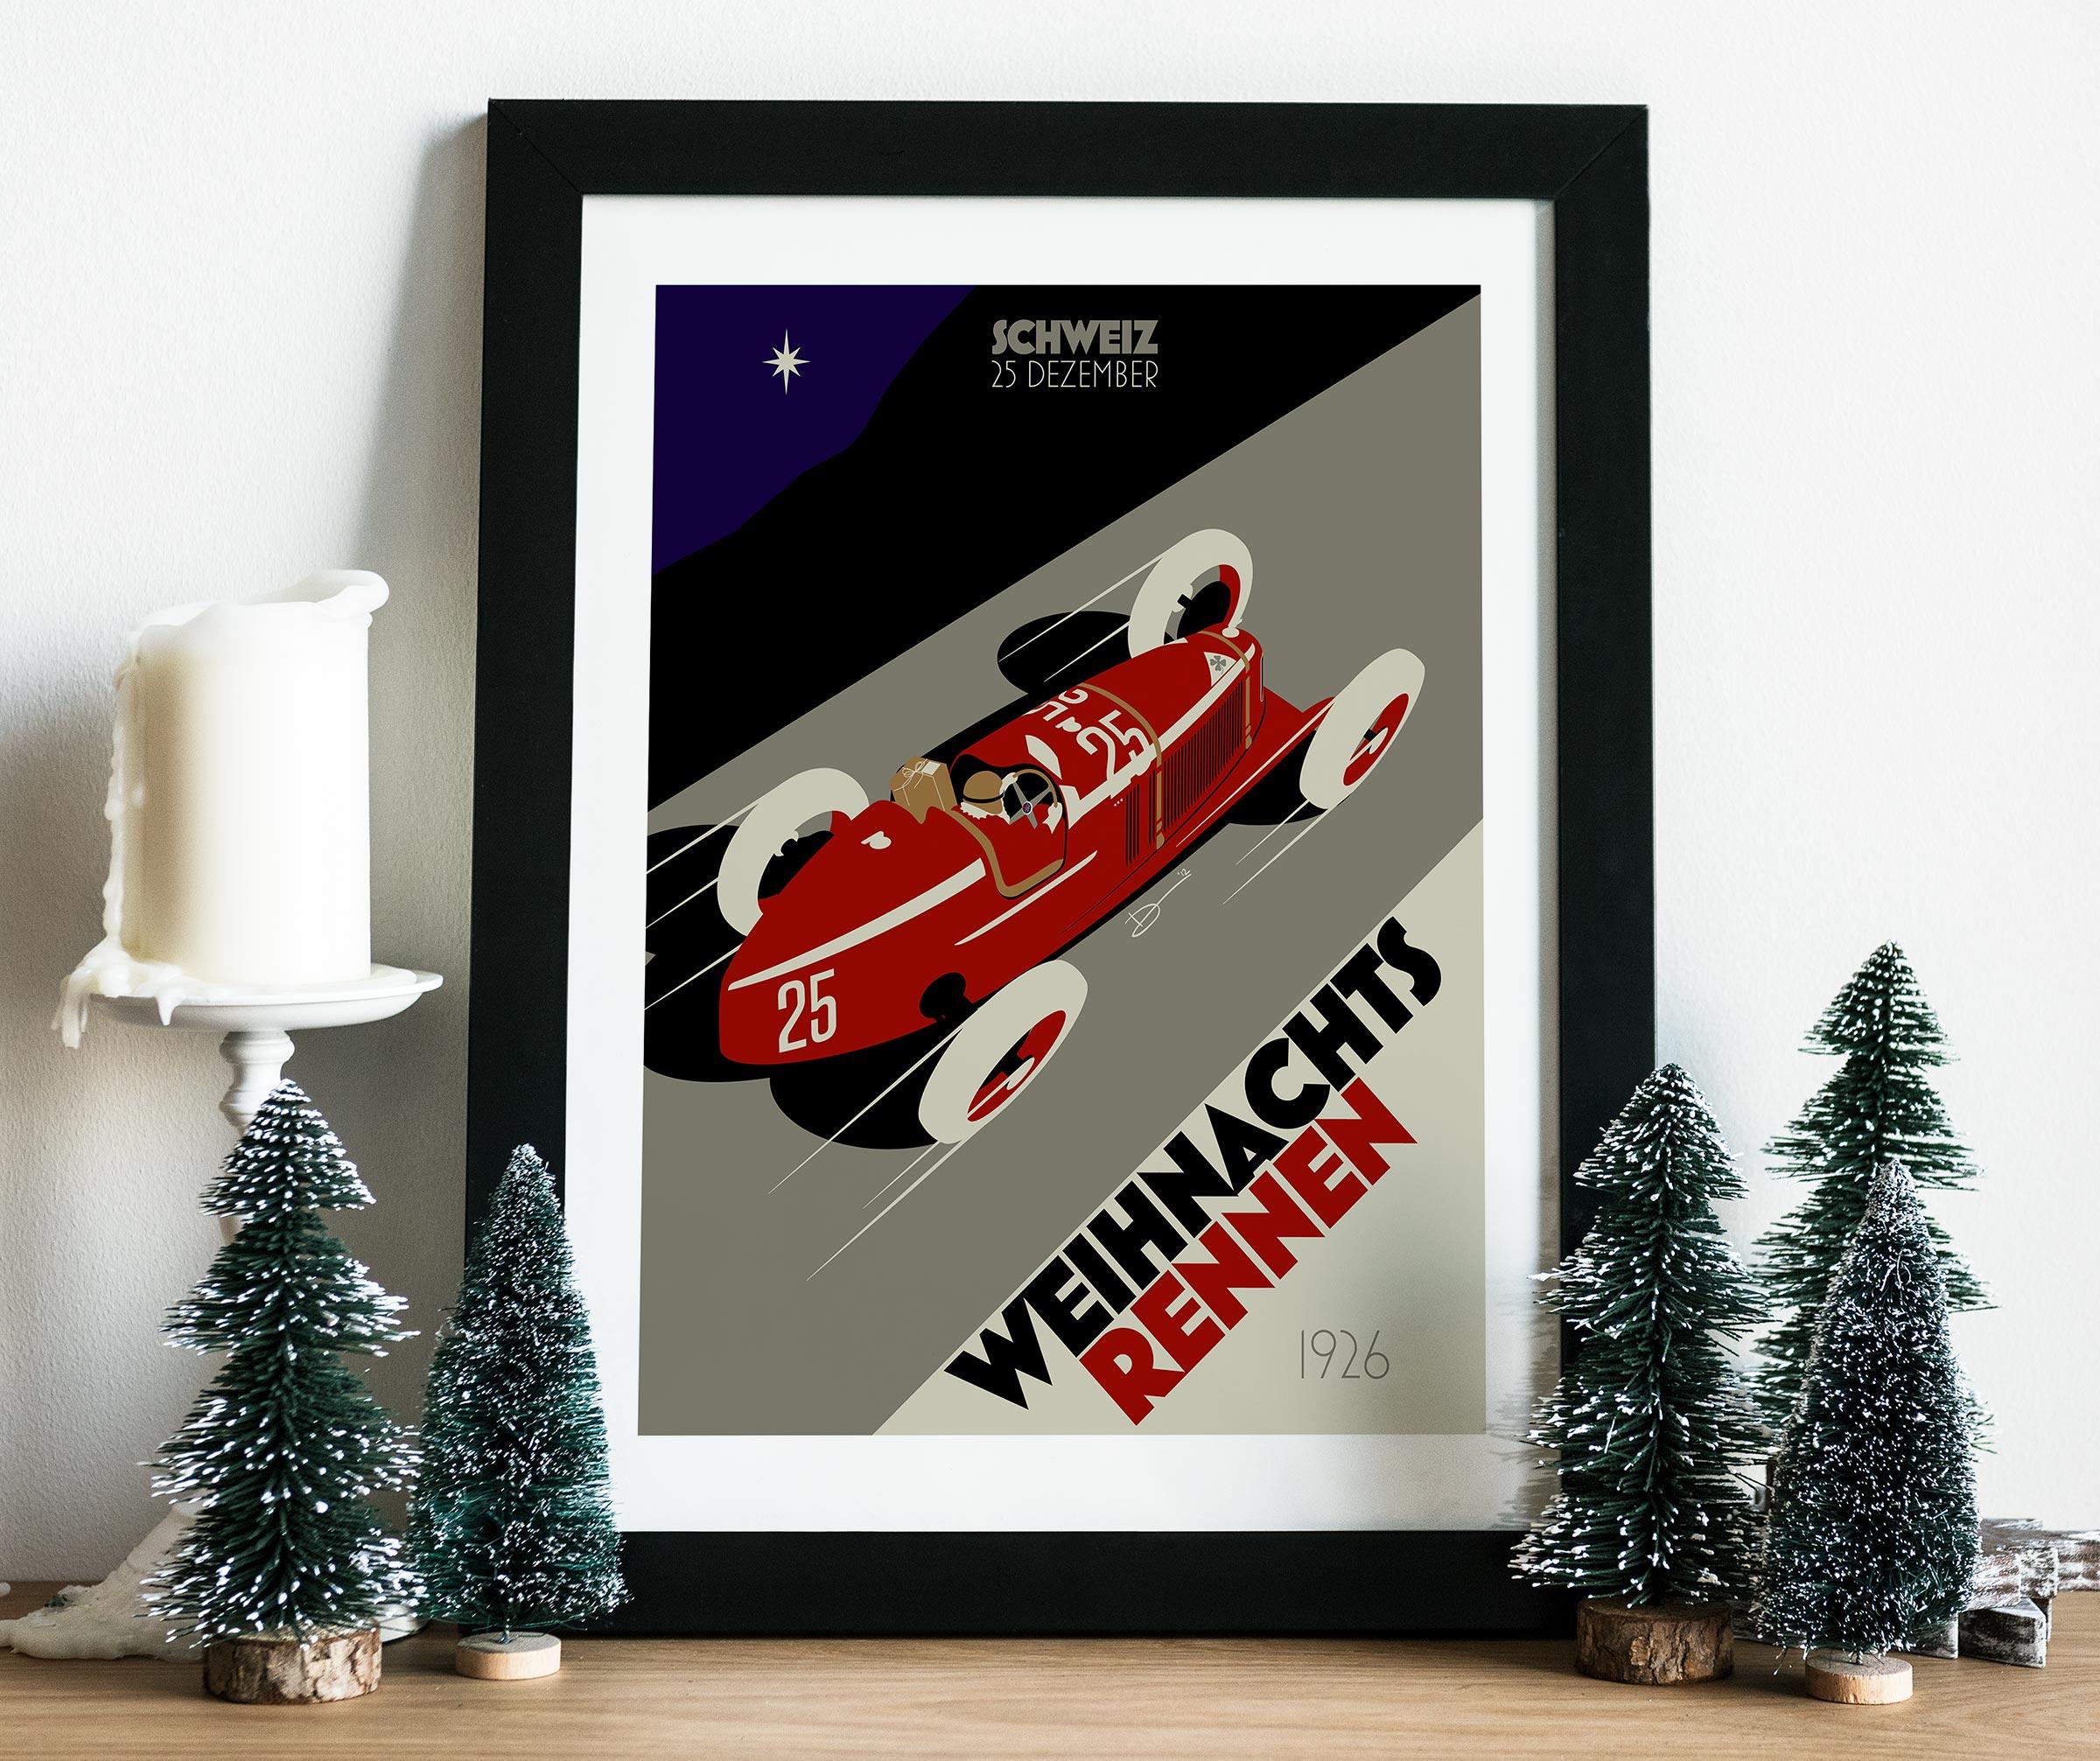 2012 Christmas Poster mockup